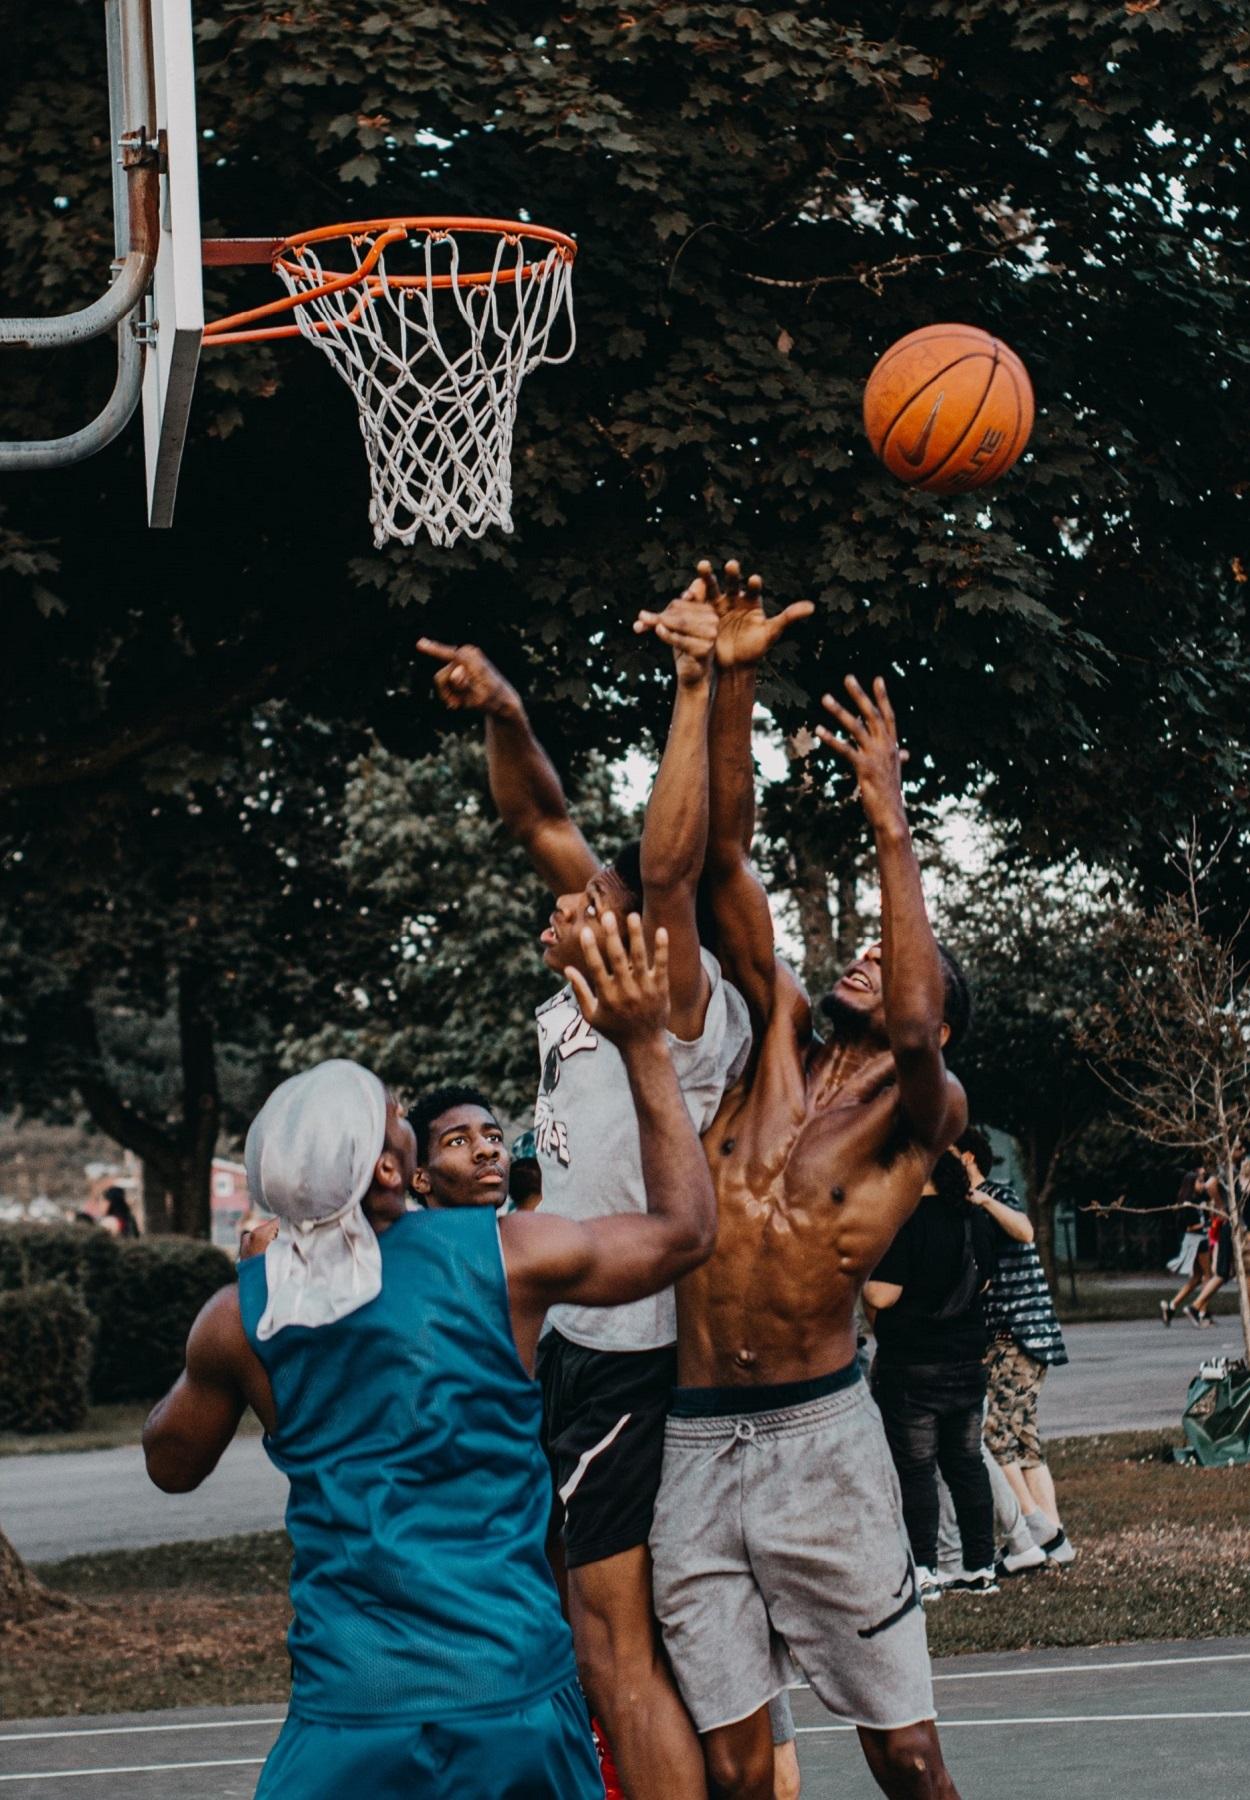 Vêtement de basketball